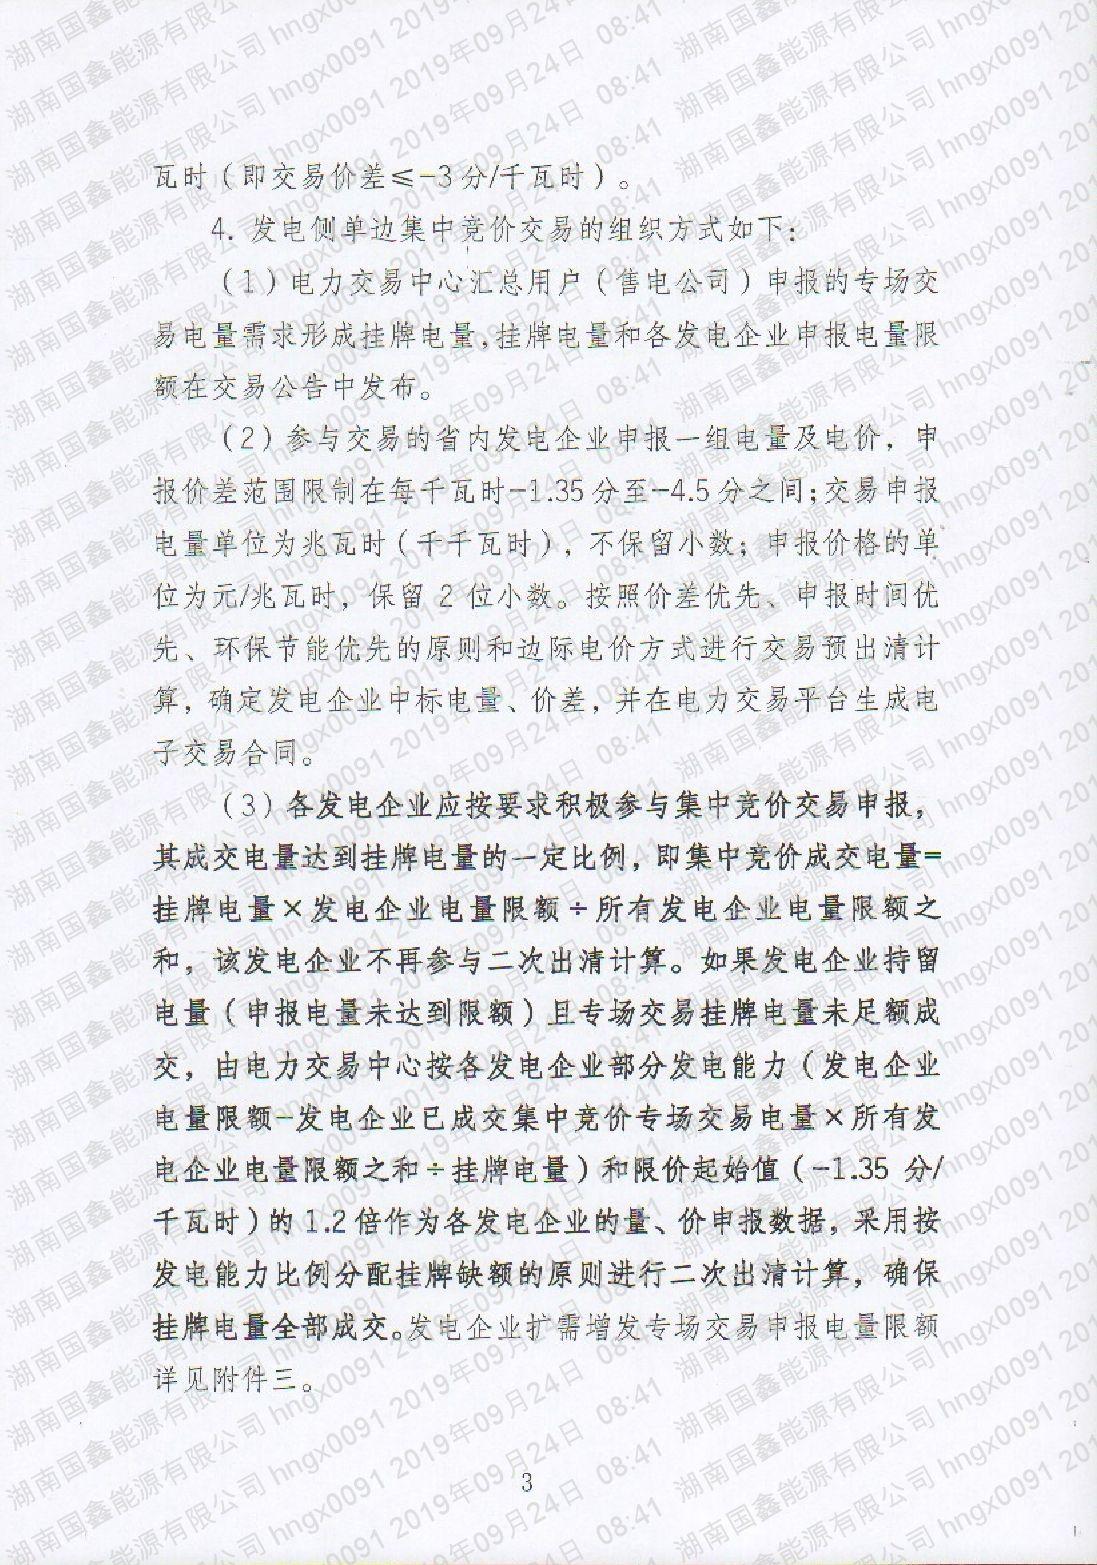 2019年第22號交易公告(10月擴需增發專場交易).pdf_page_3_compressed.jpg